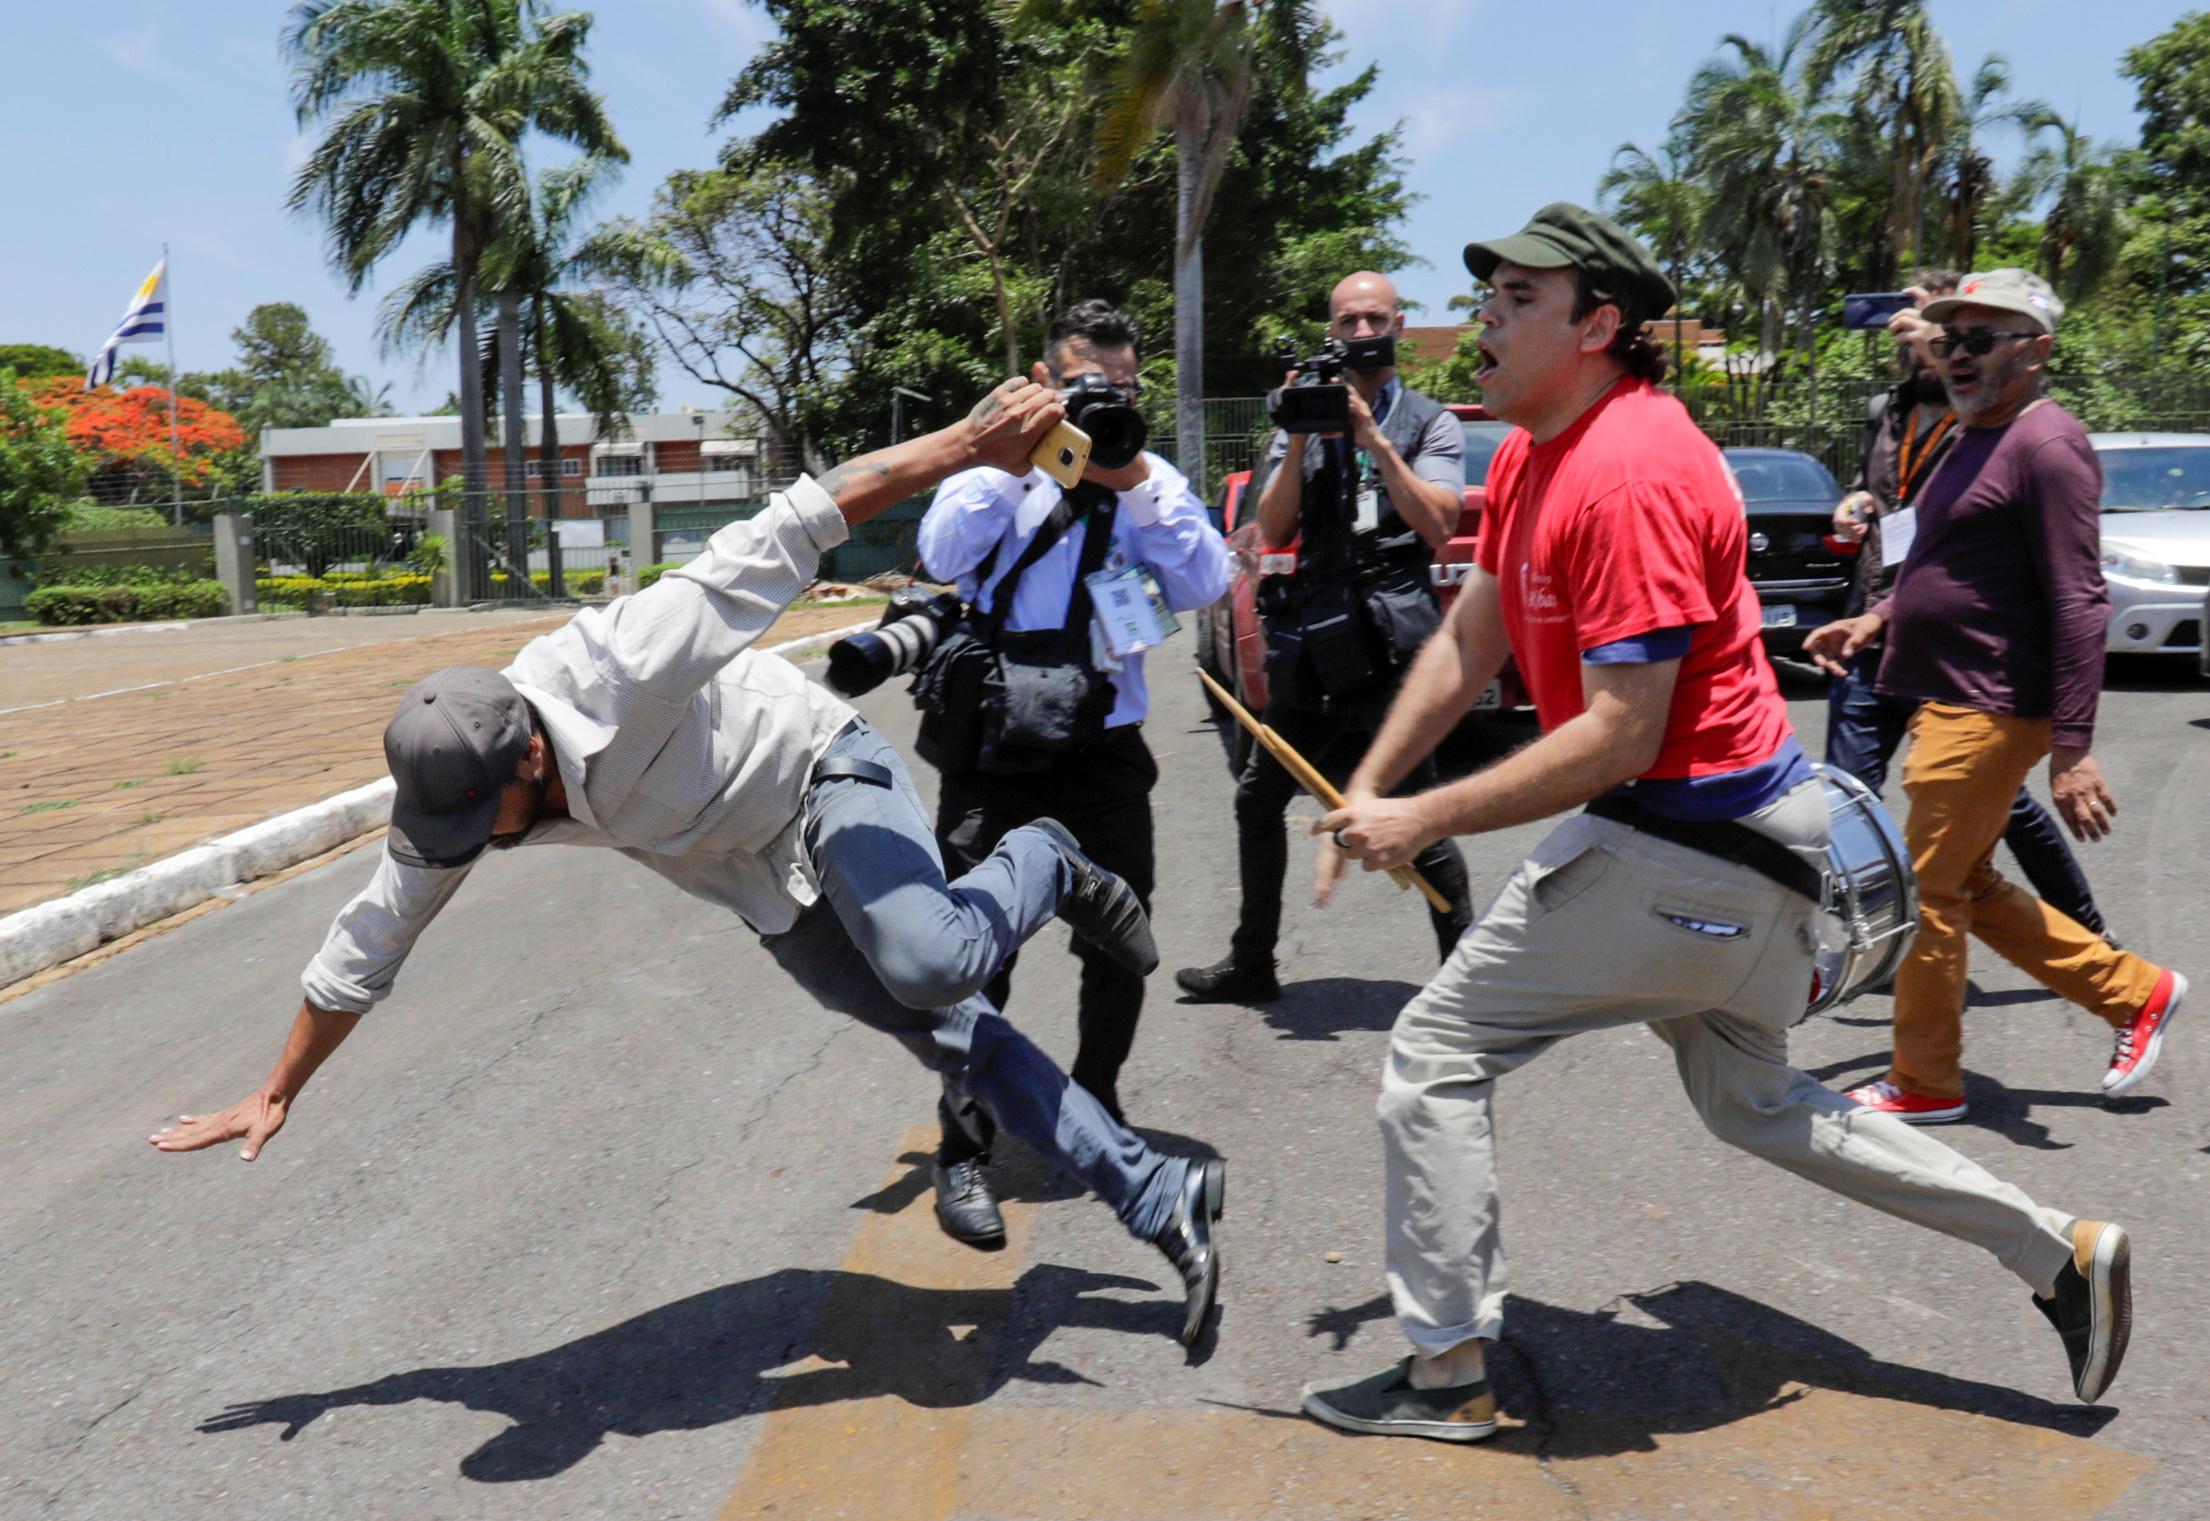 El seguidor de Guaidó cae el piso golpeado por un chavista